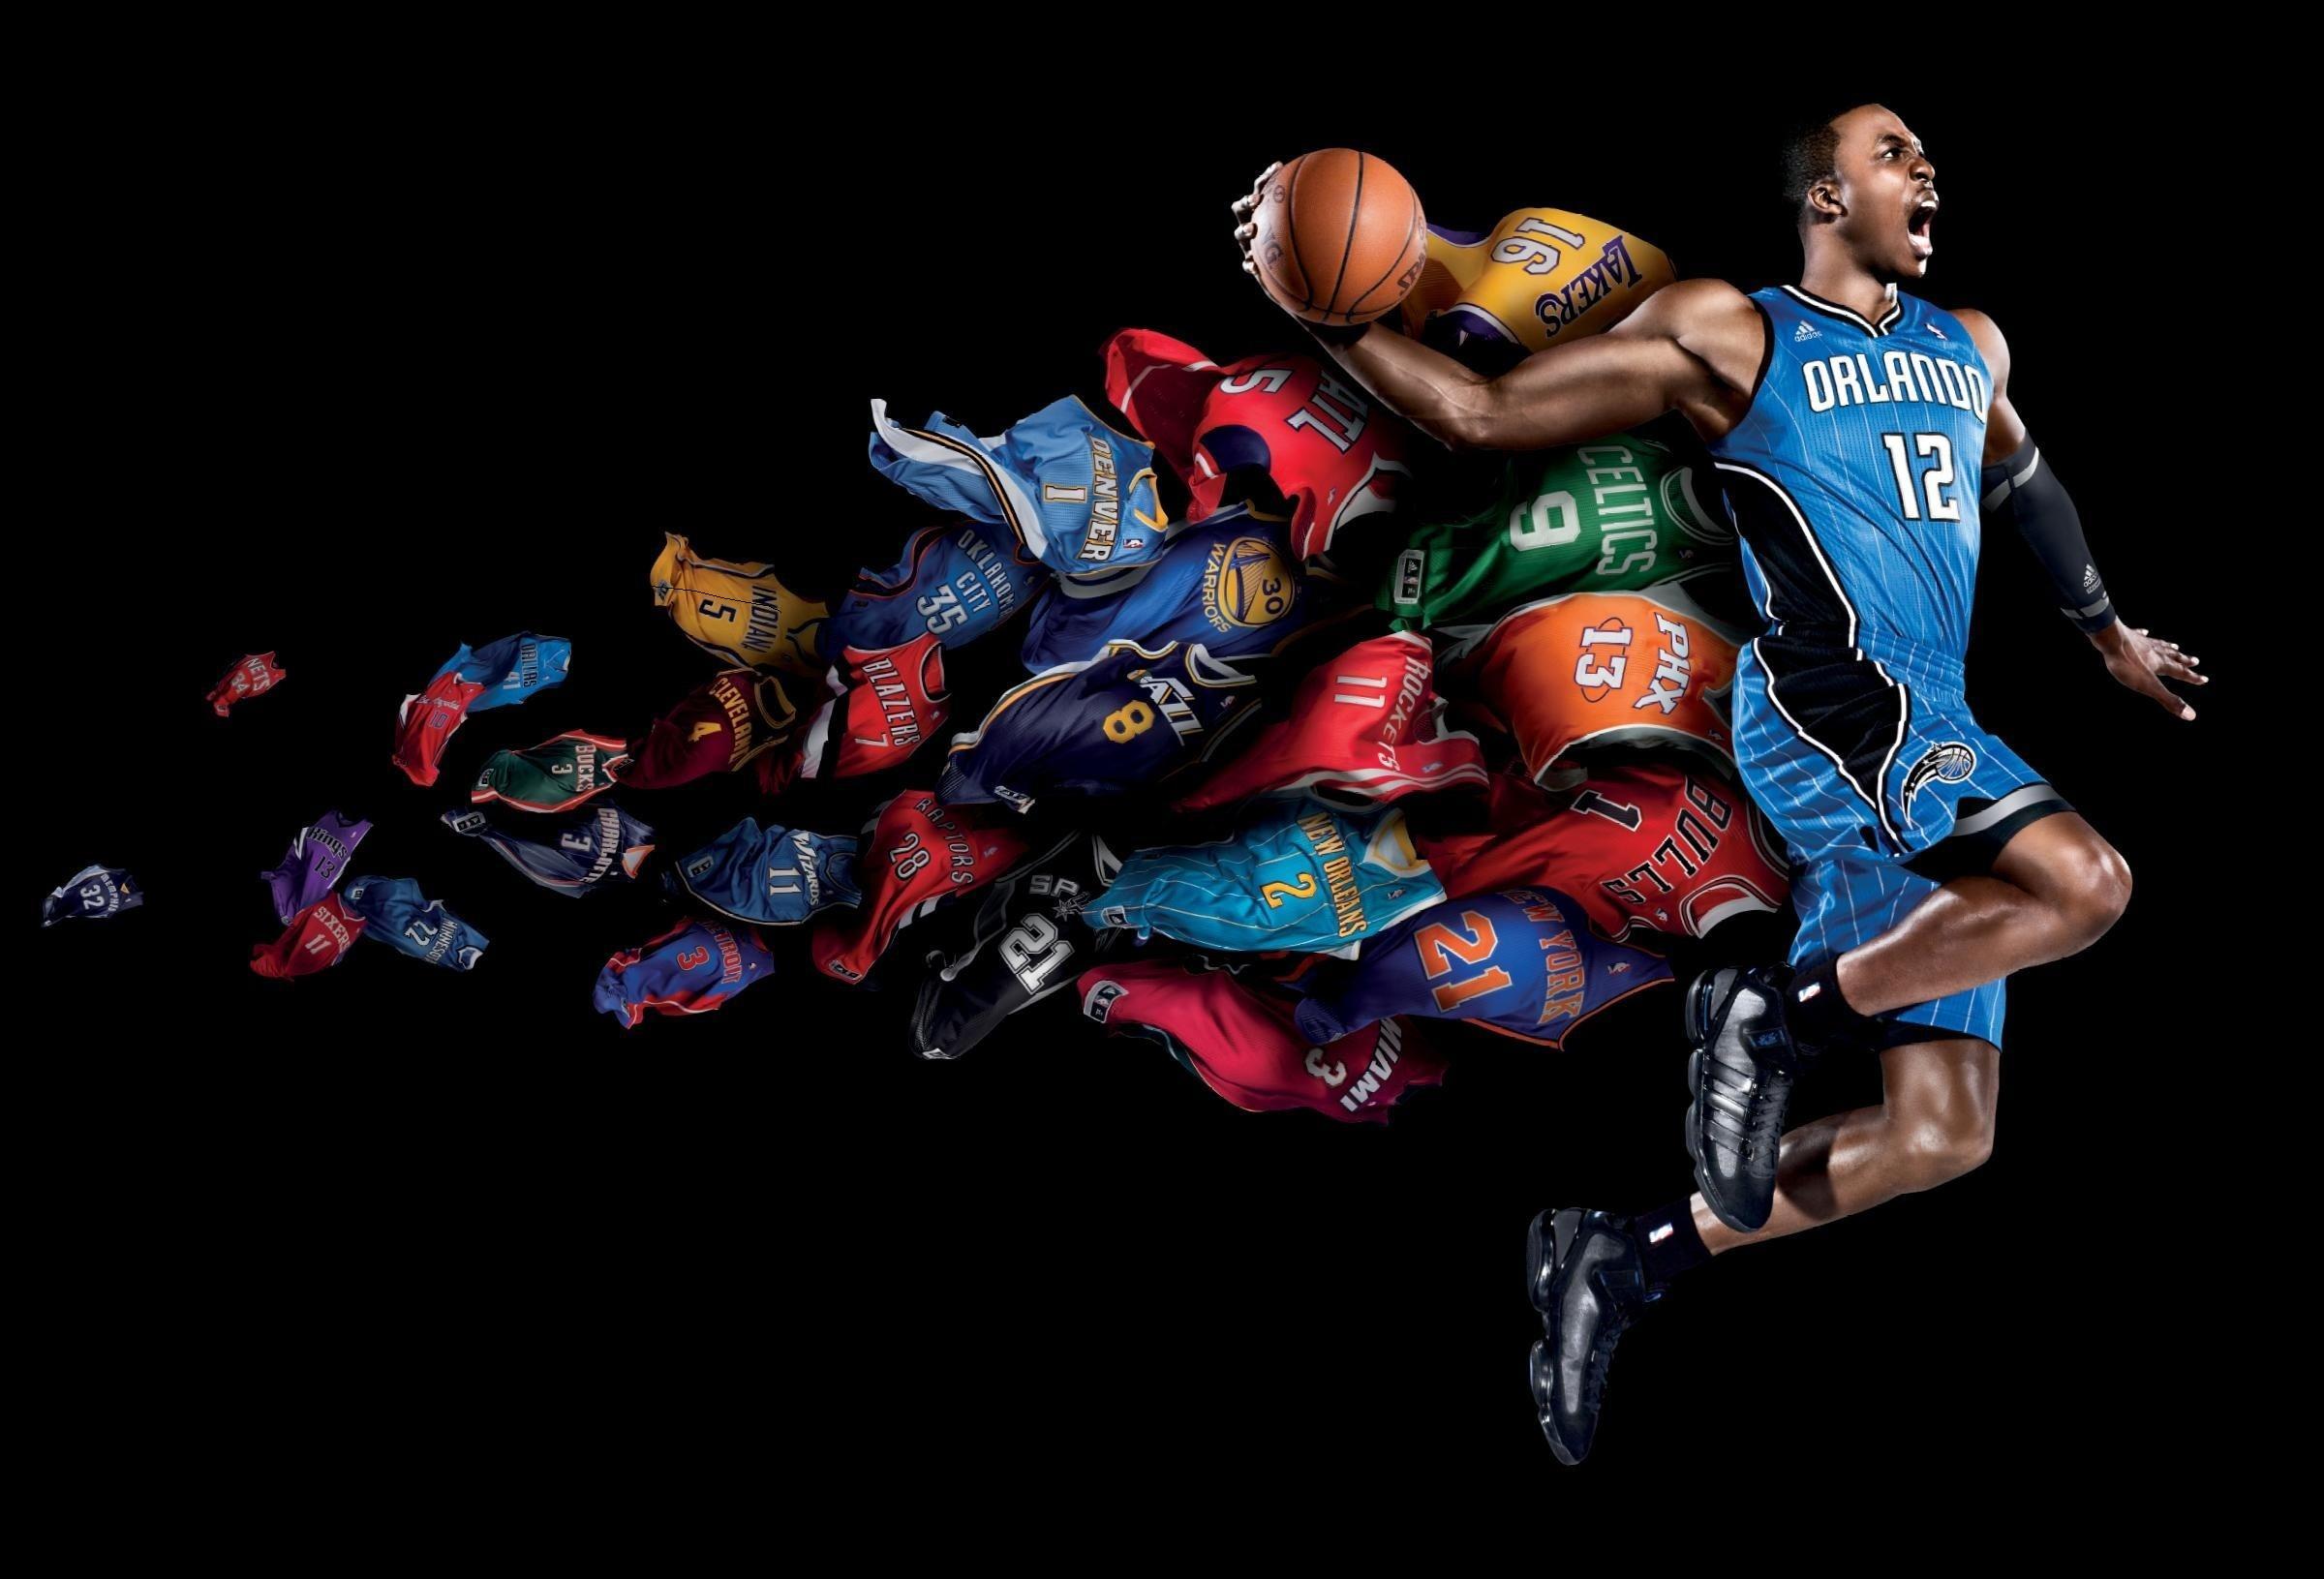 Hd Sports Wallpapers For Desktop Wallpapersafari